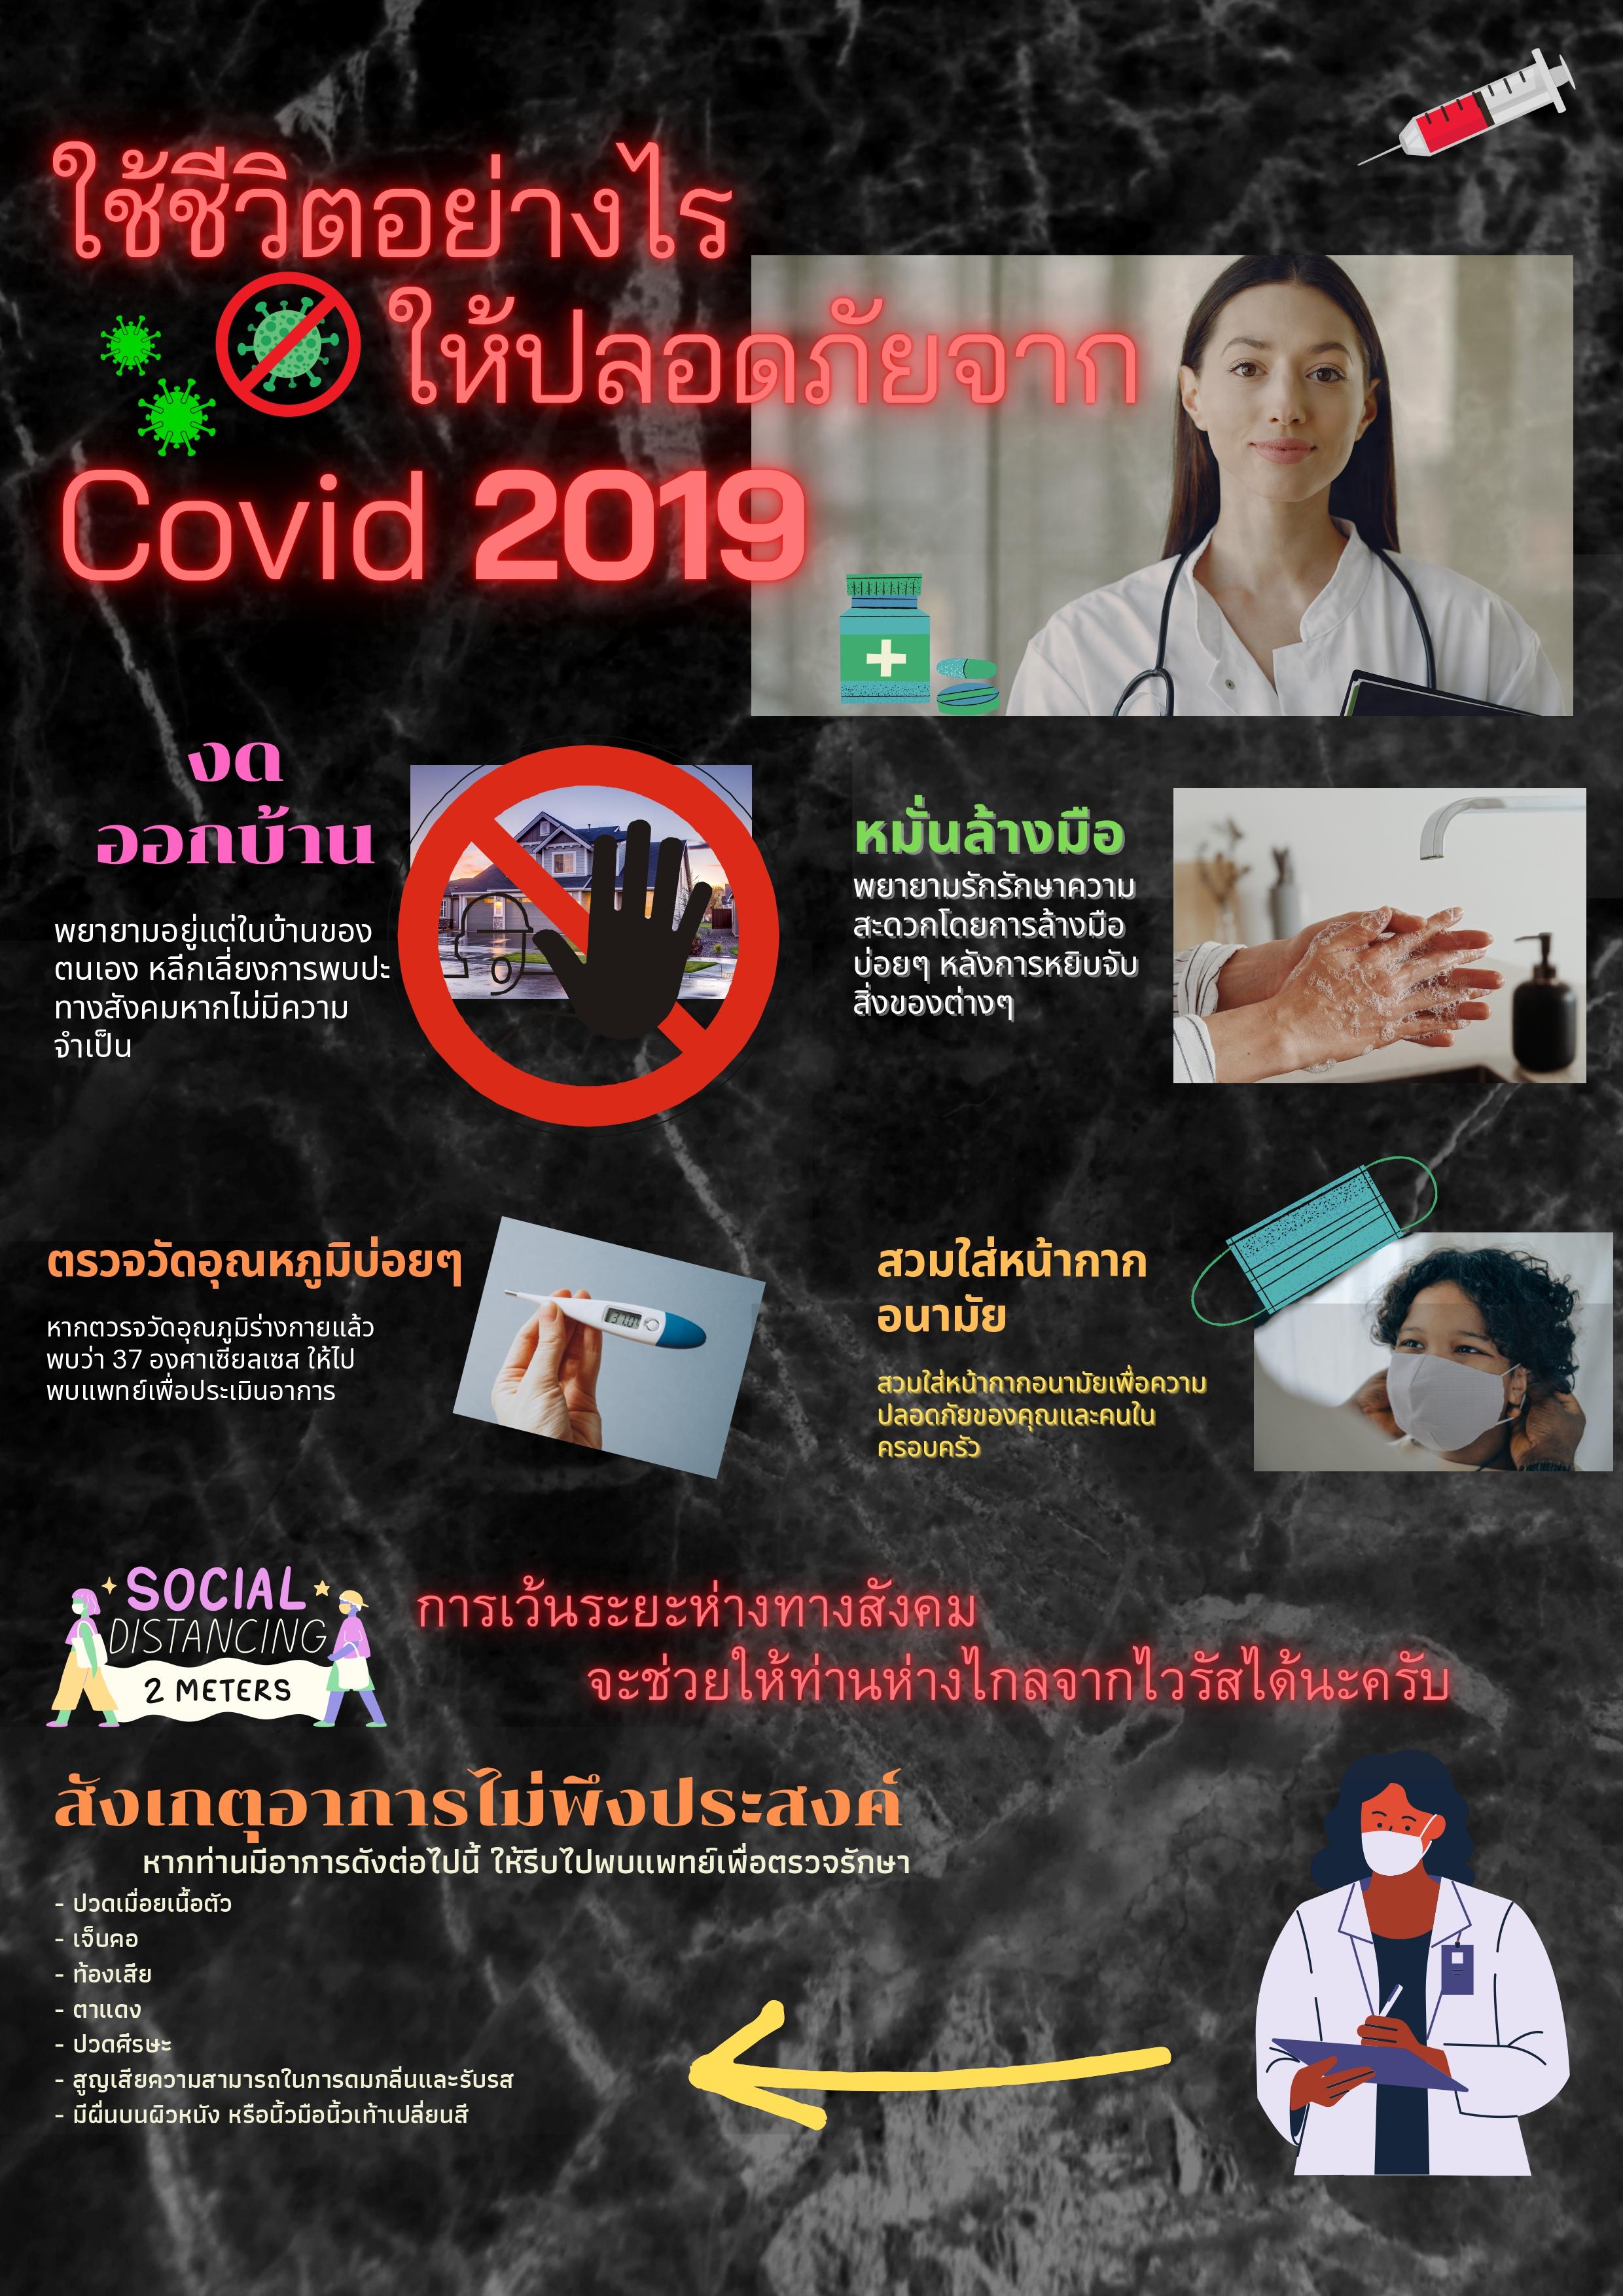 ใช้ชีวิตอย่างไร ให้ปลอดภัยจาก Covid 2019